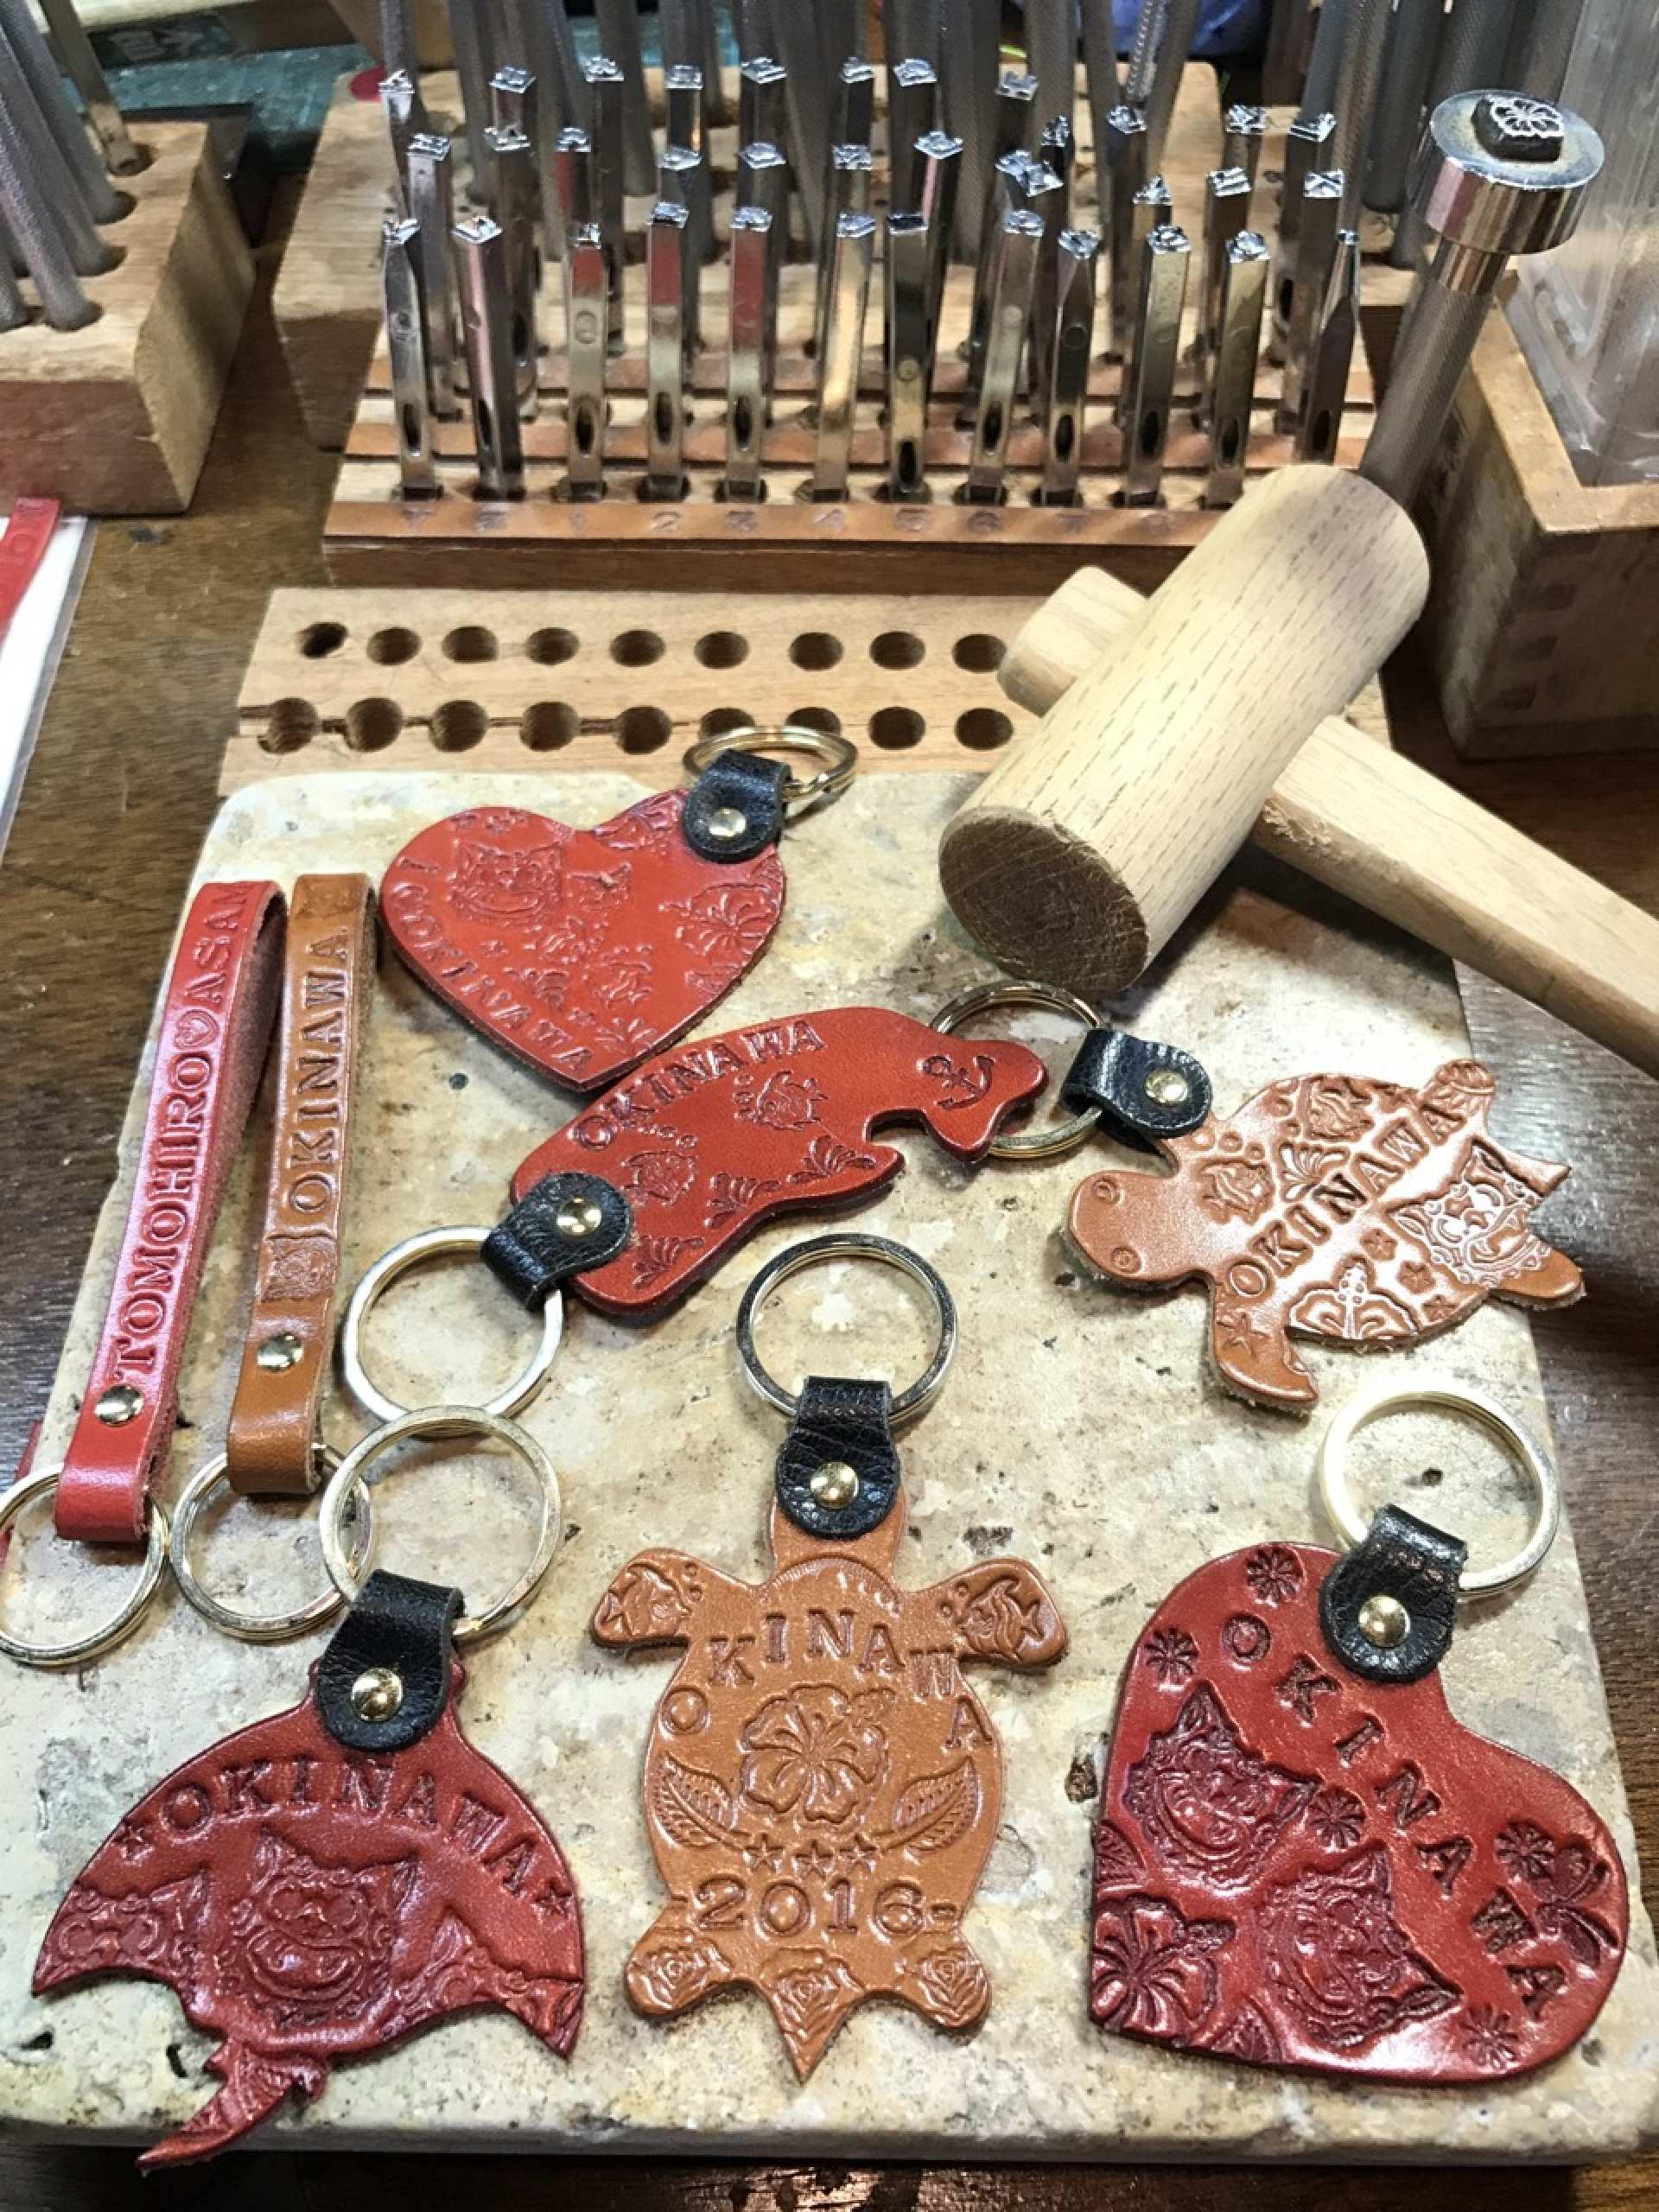 【沖繩特色體驗】沖繩文化王國獨一無二紀念品:製作沖繩皮件